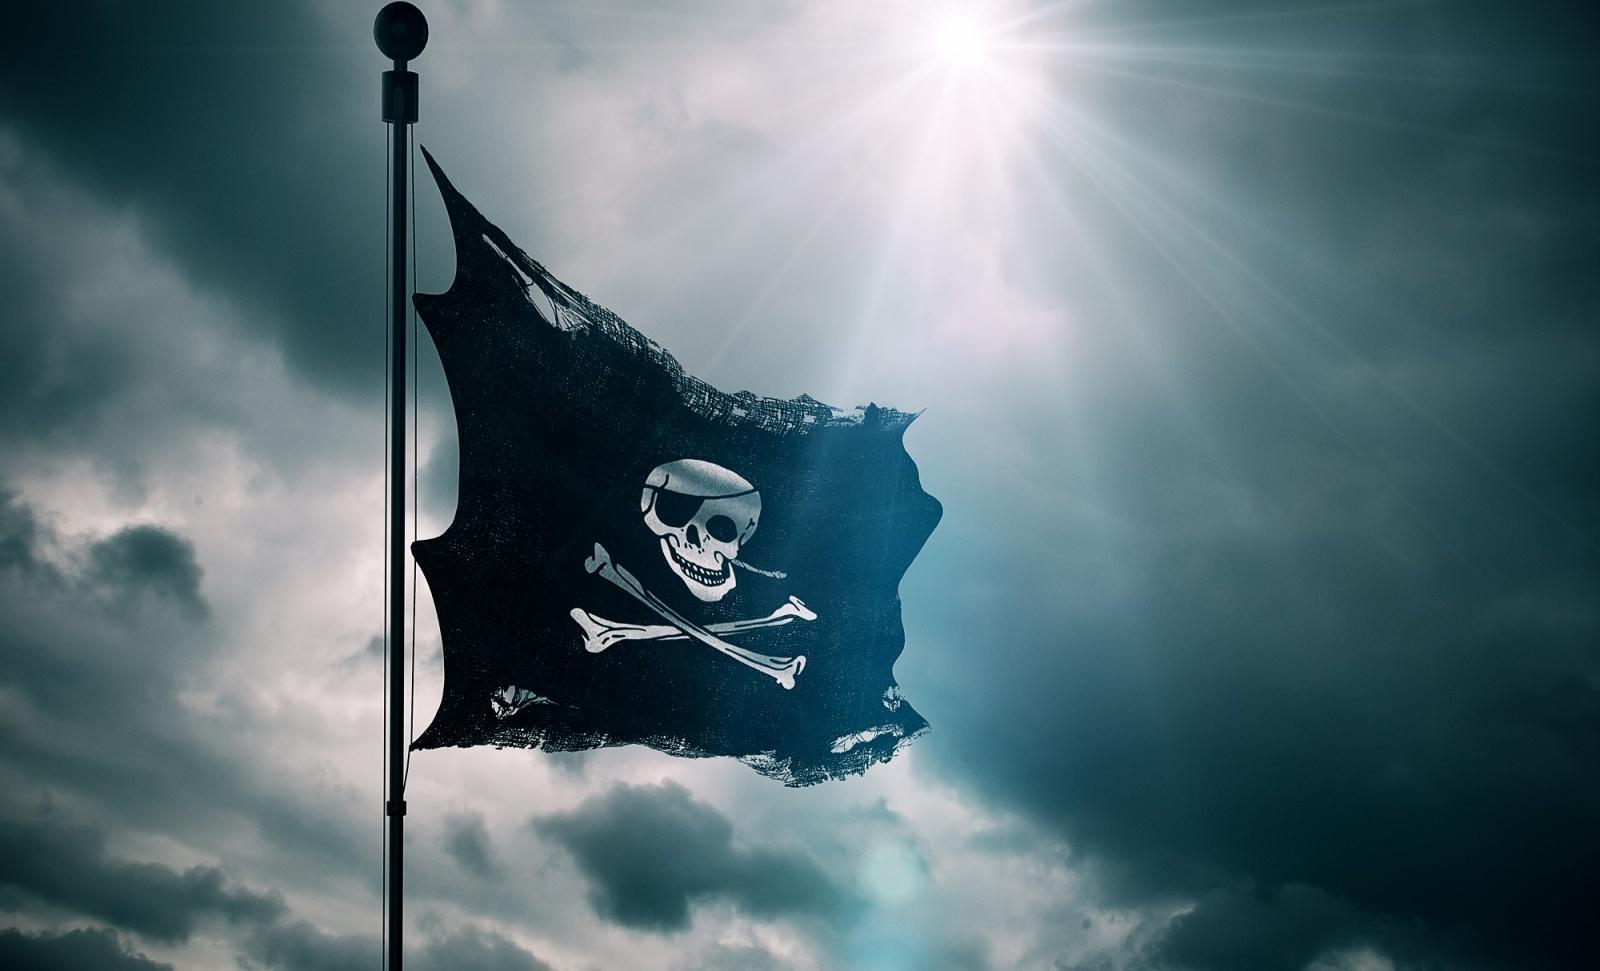 Исследование показало пользу умеренного пиратства для производителей и дистрибьюторов контента - 1